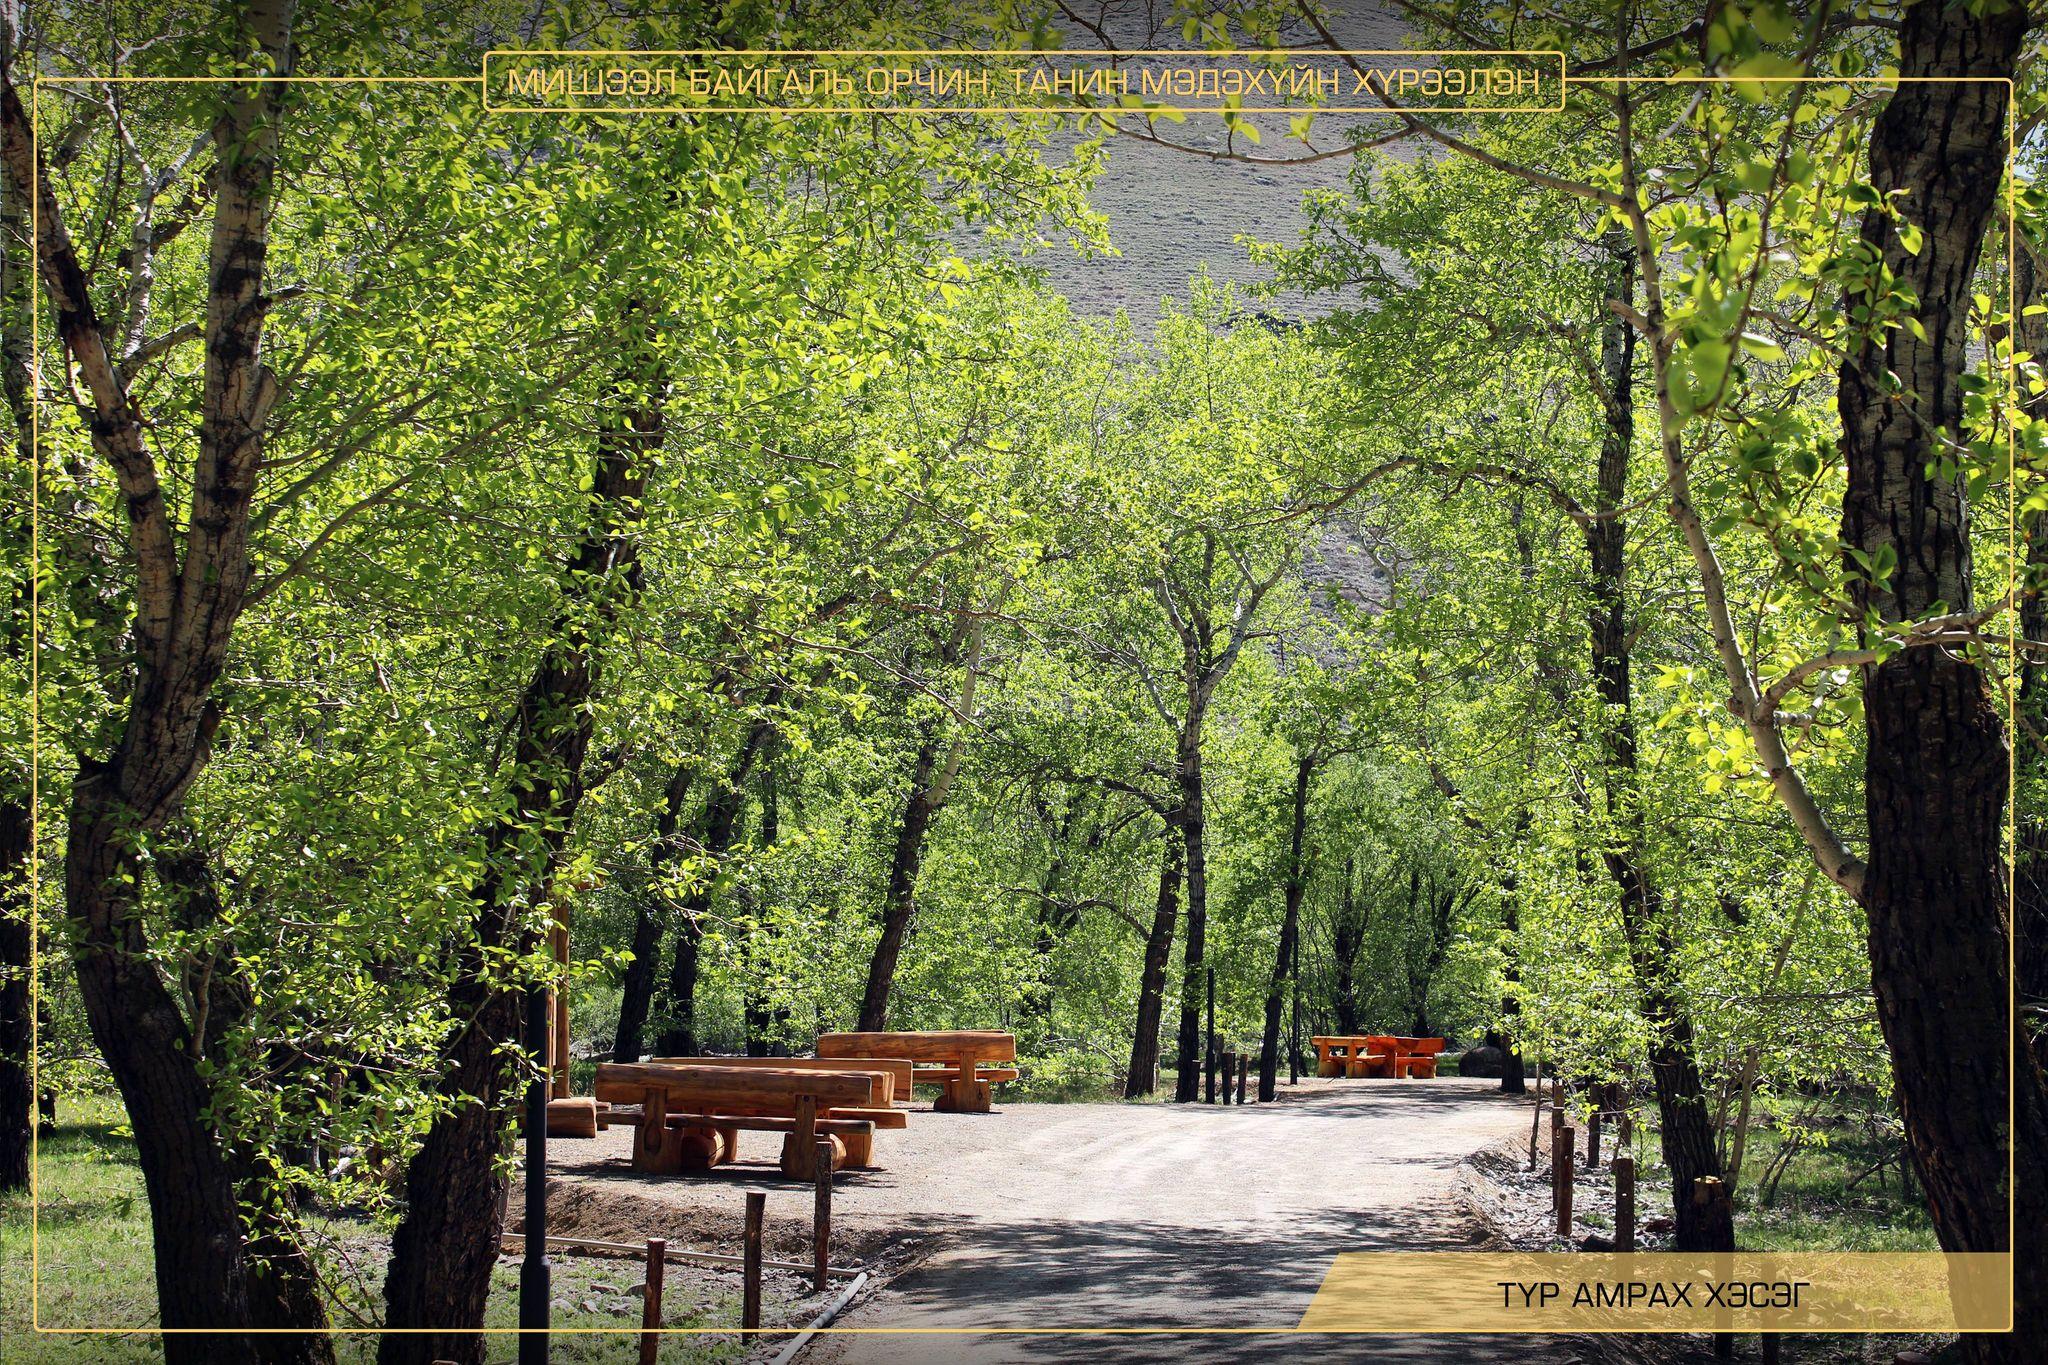 Мишээл байгаль орчин, танин мэдэхүйн хүрээлэн Бямба гарагт нээнэ   News.MN